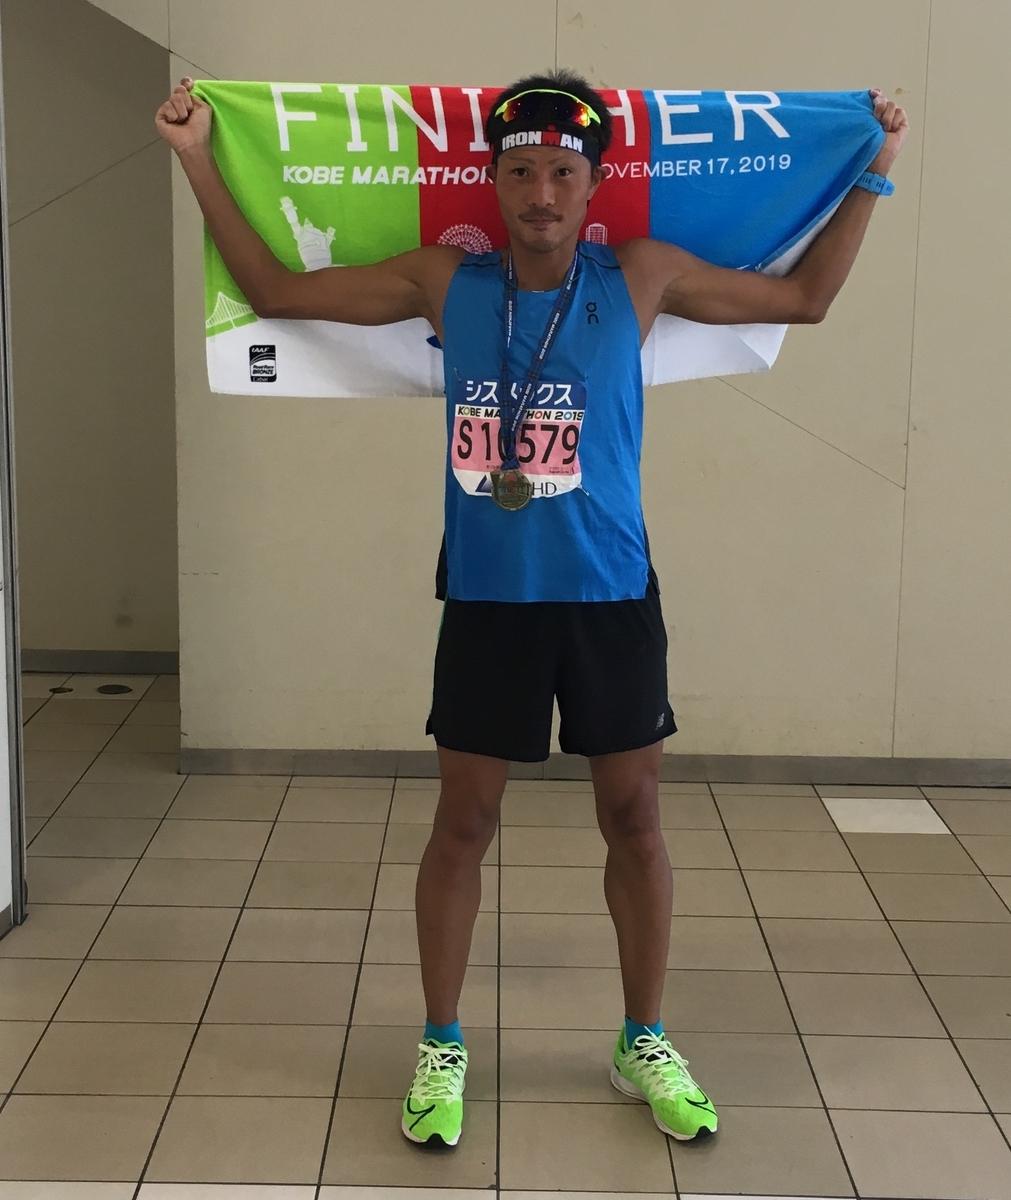 f:id:triathlon_runbikeswim:20191118150740j:plain